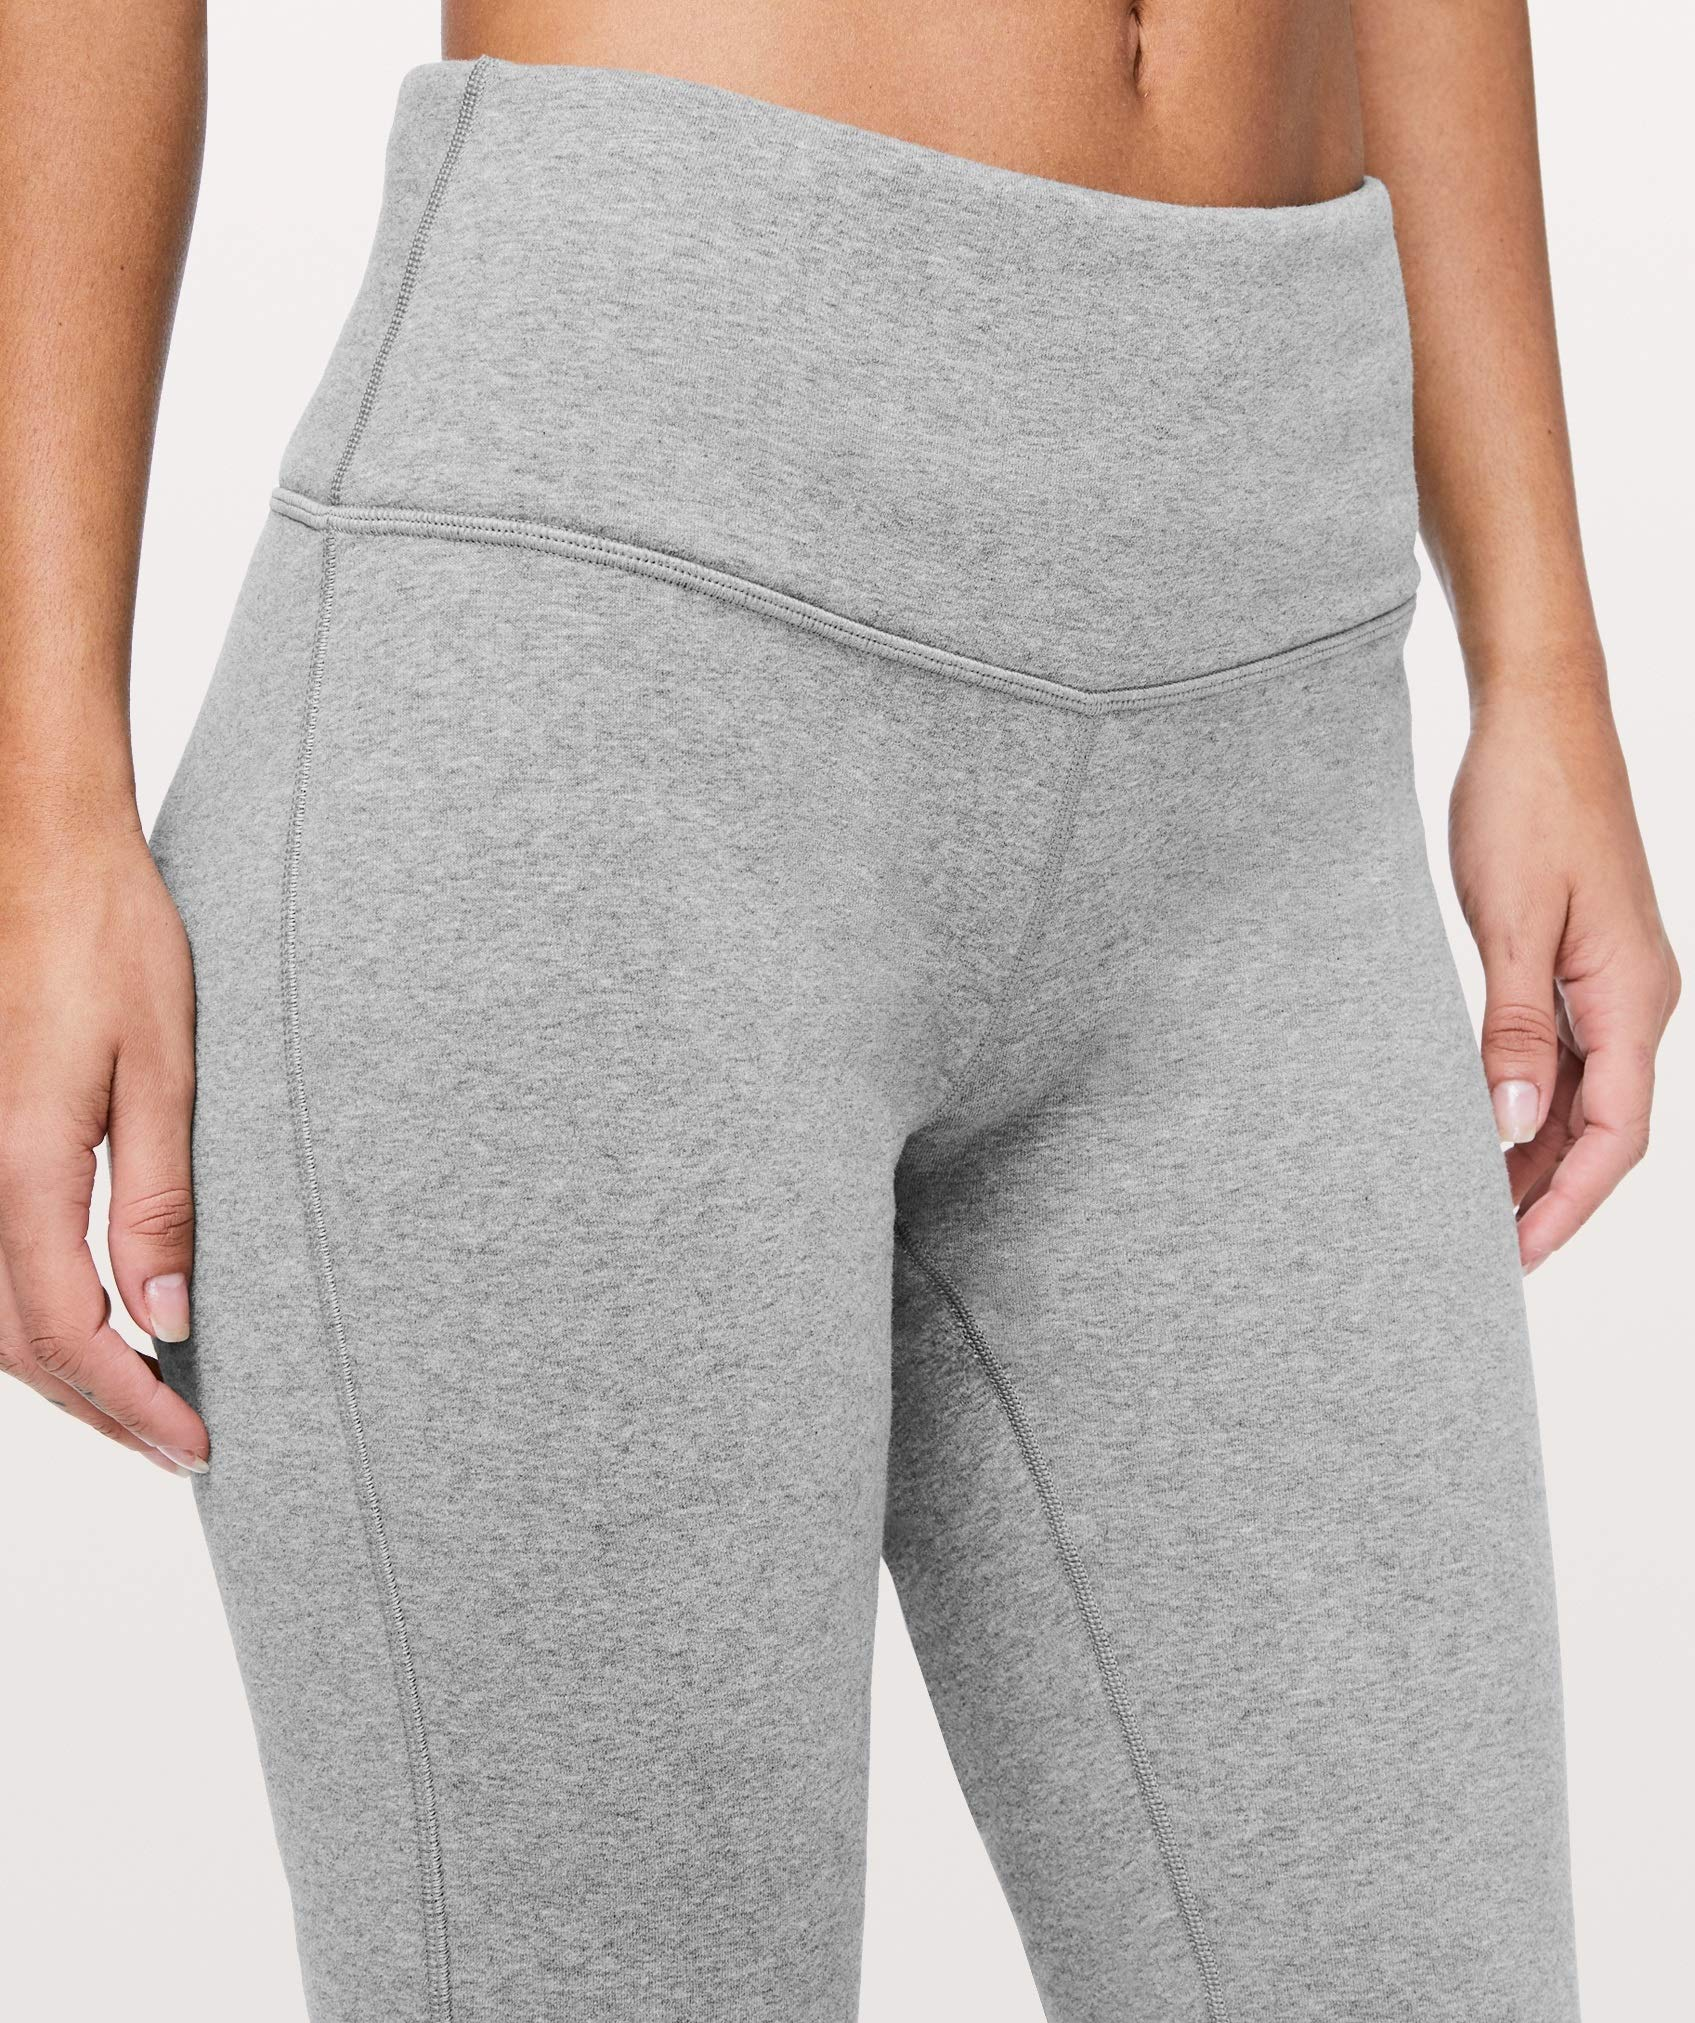 Lululemon Wunder Lounge Pant - HCMG (Heathered Core Medium Grey) (4) by Lululemon (Image #2)